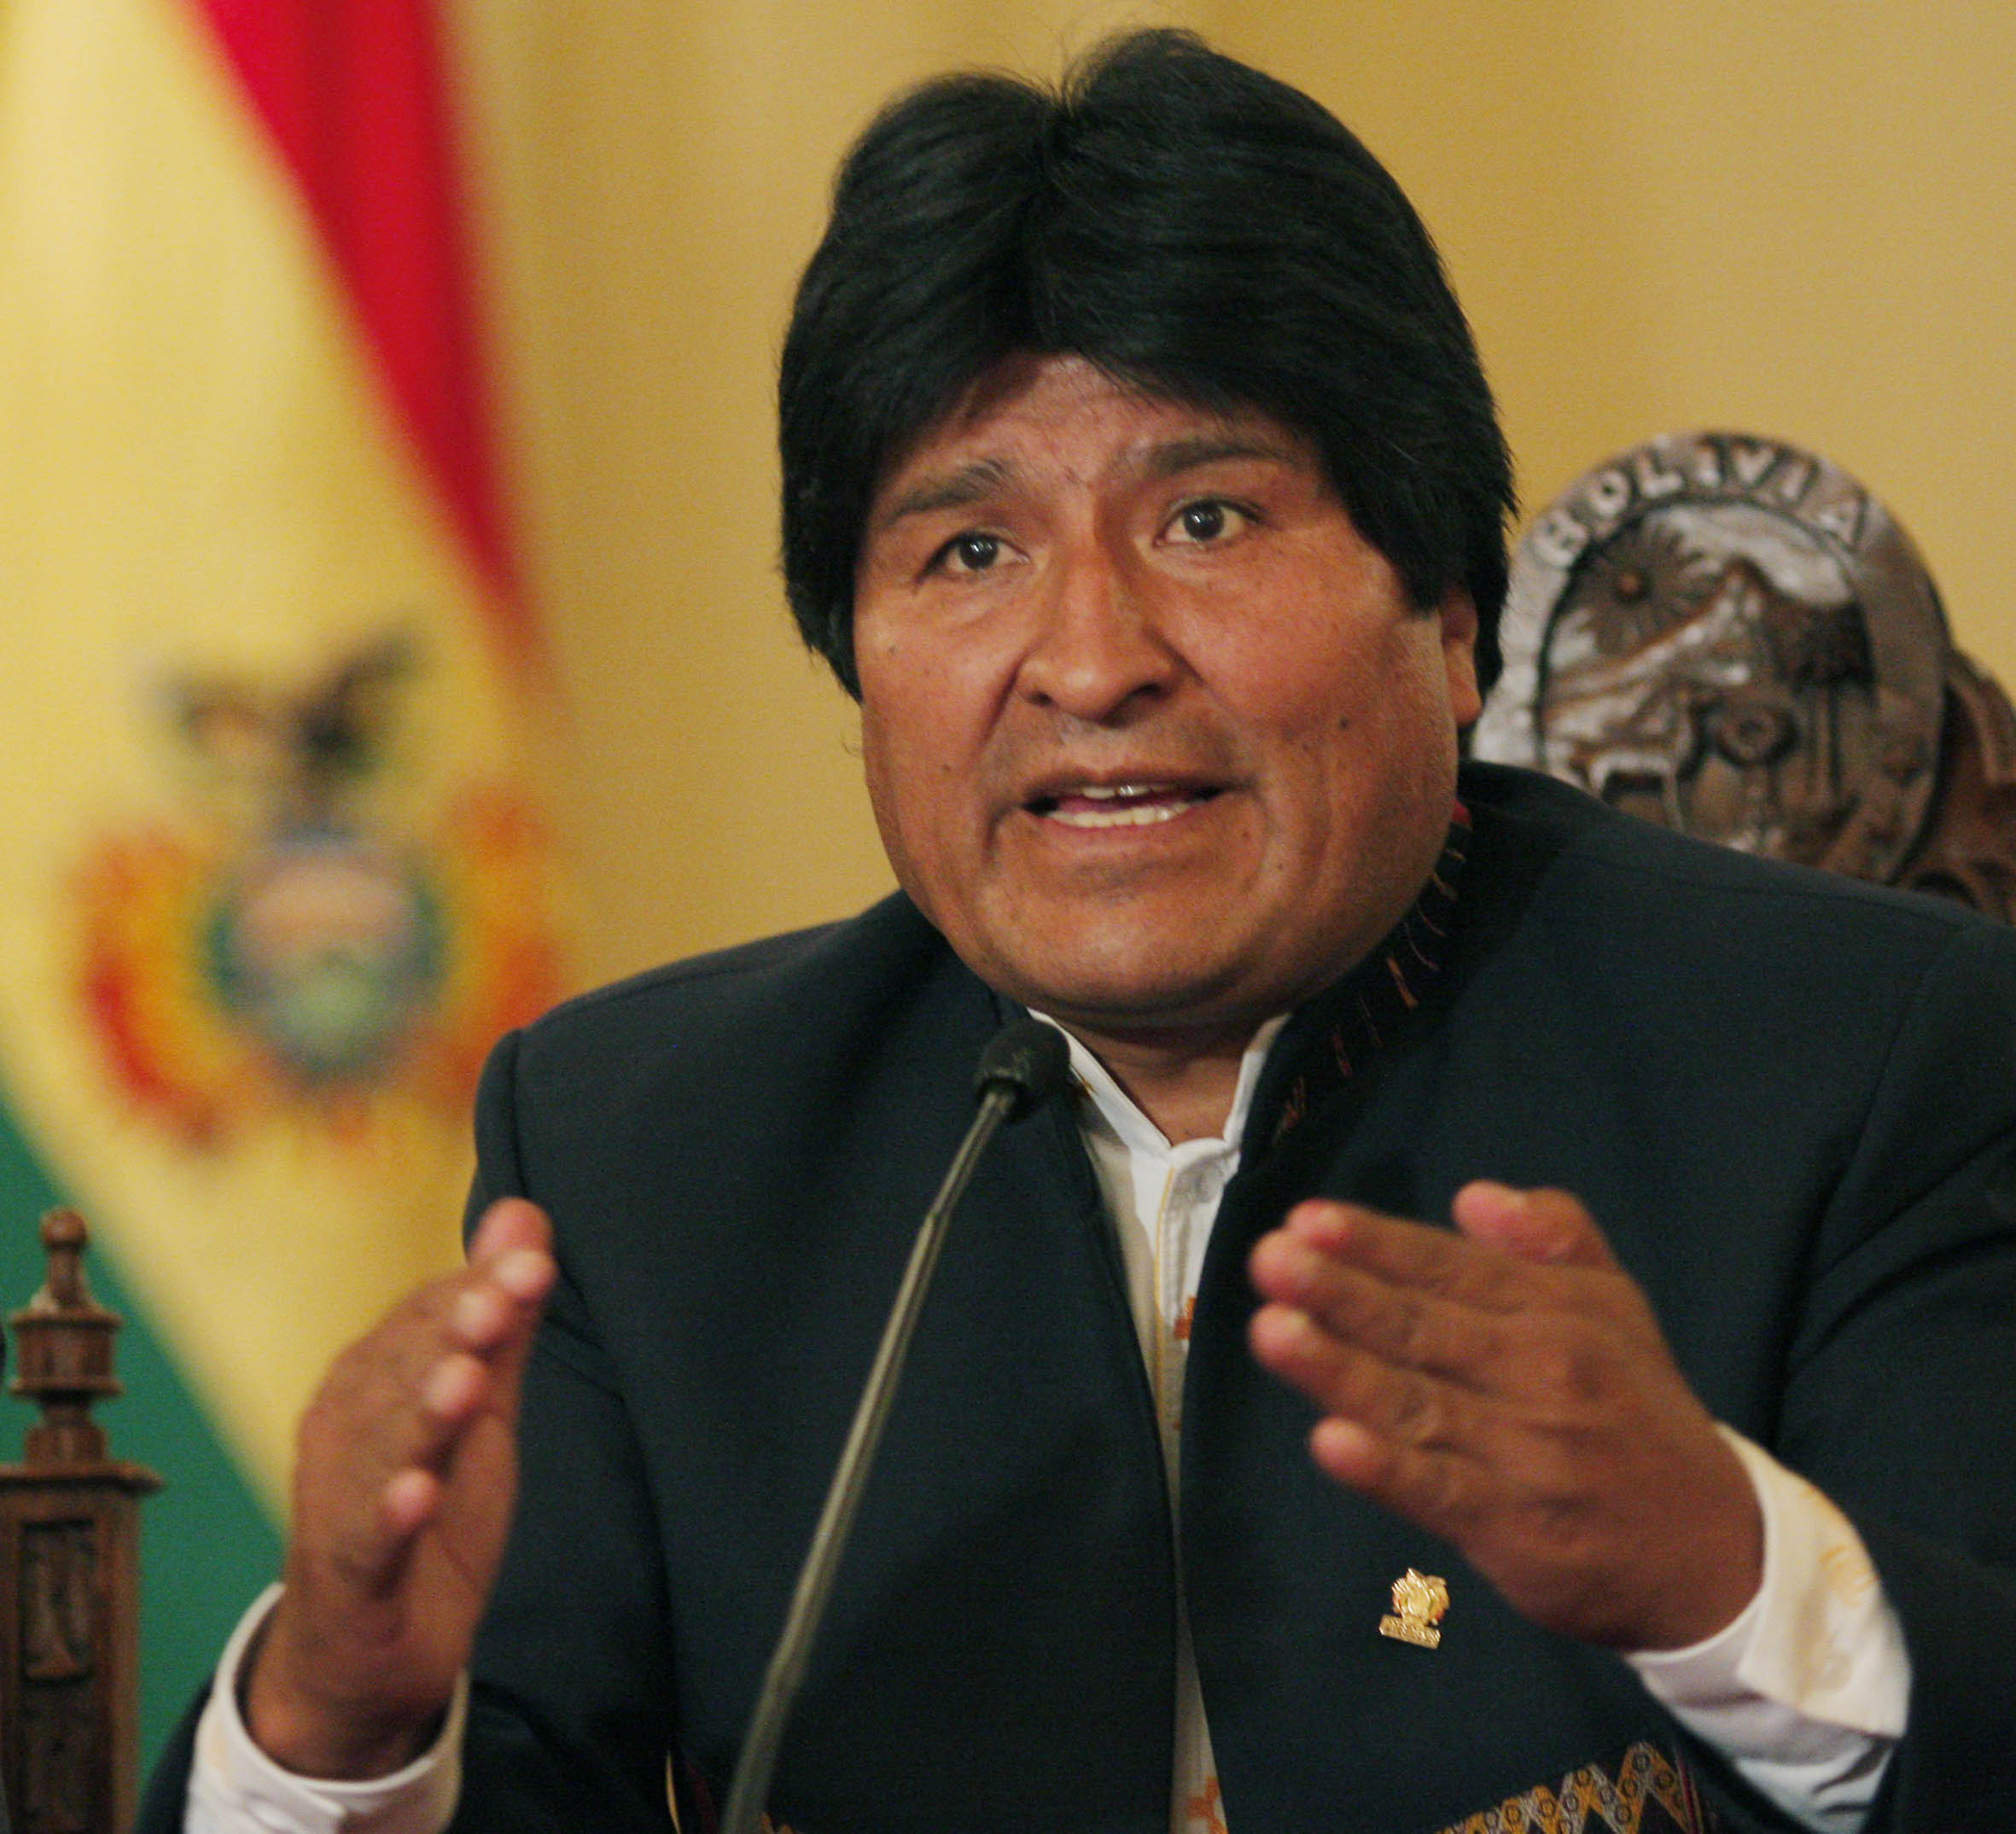 Bolívie plánuje postavit centrum jaderného výzkumu